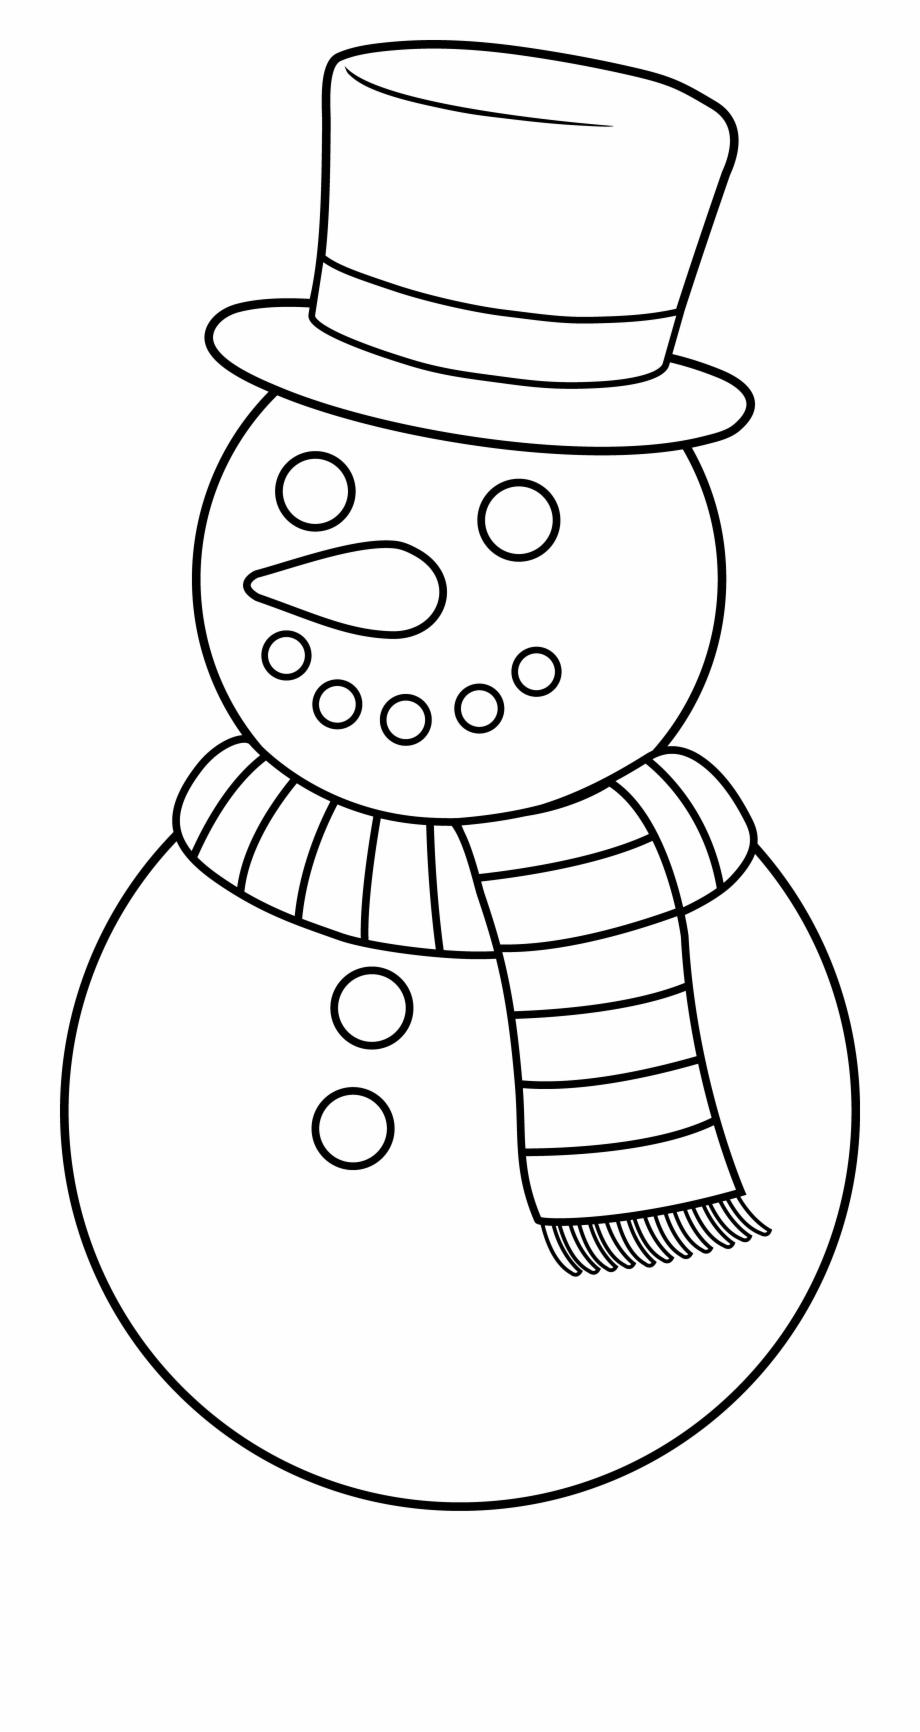 Snowman Clipart Outline.